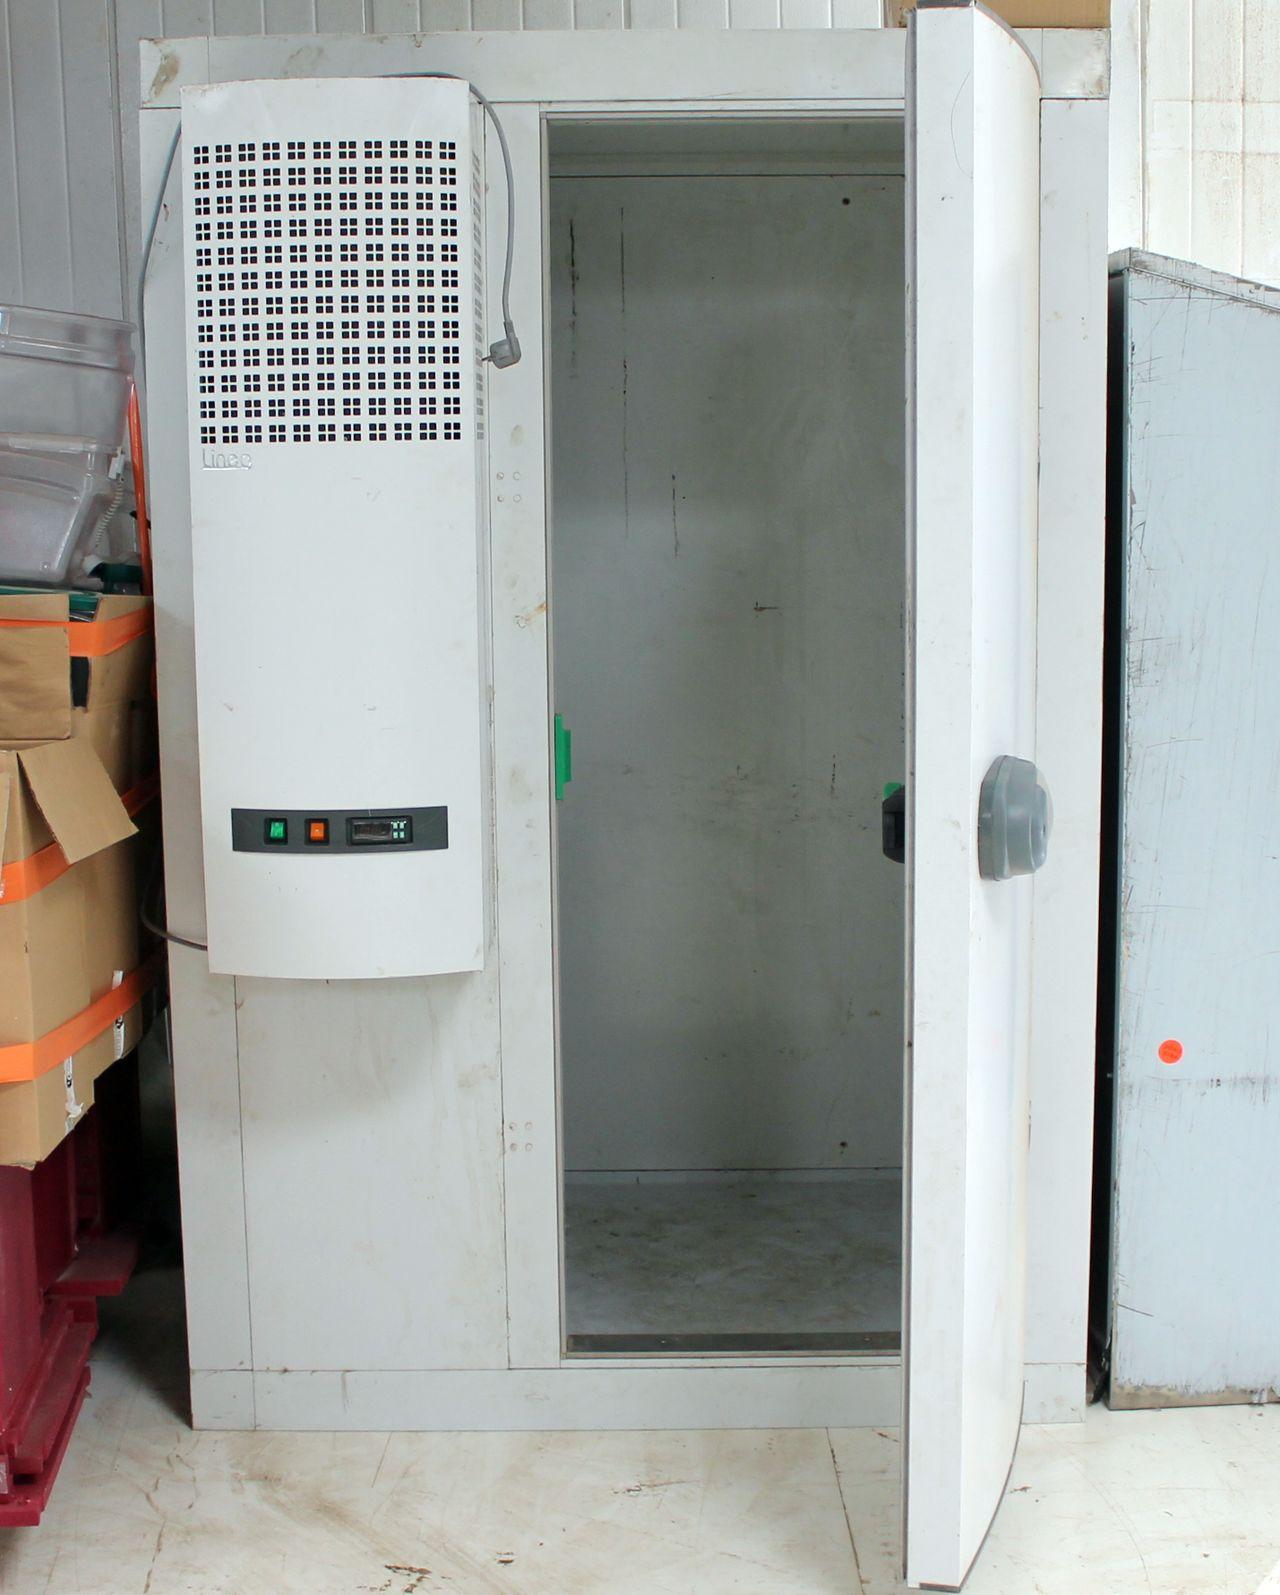 Une chambre froide en kit : découvrez une alternative intéressante